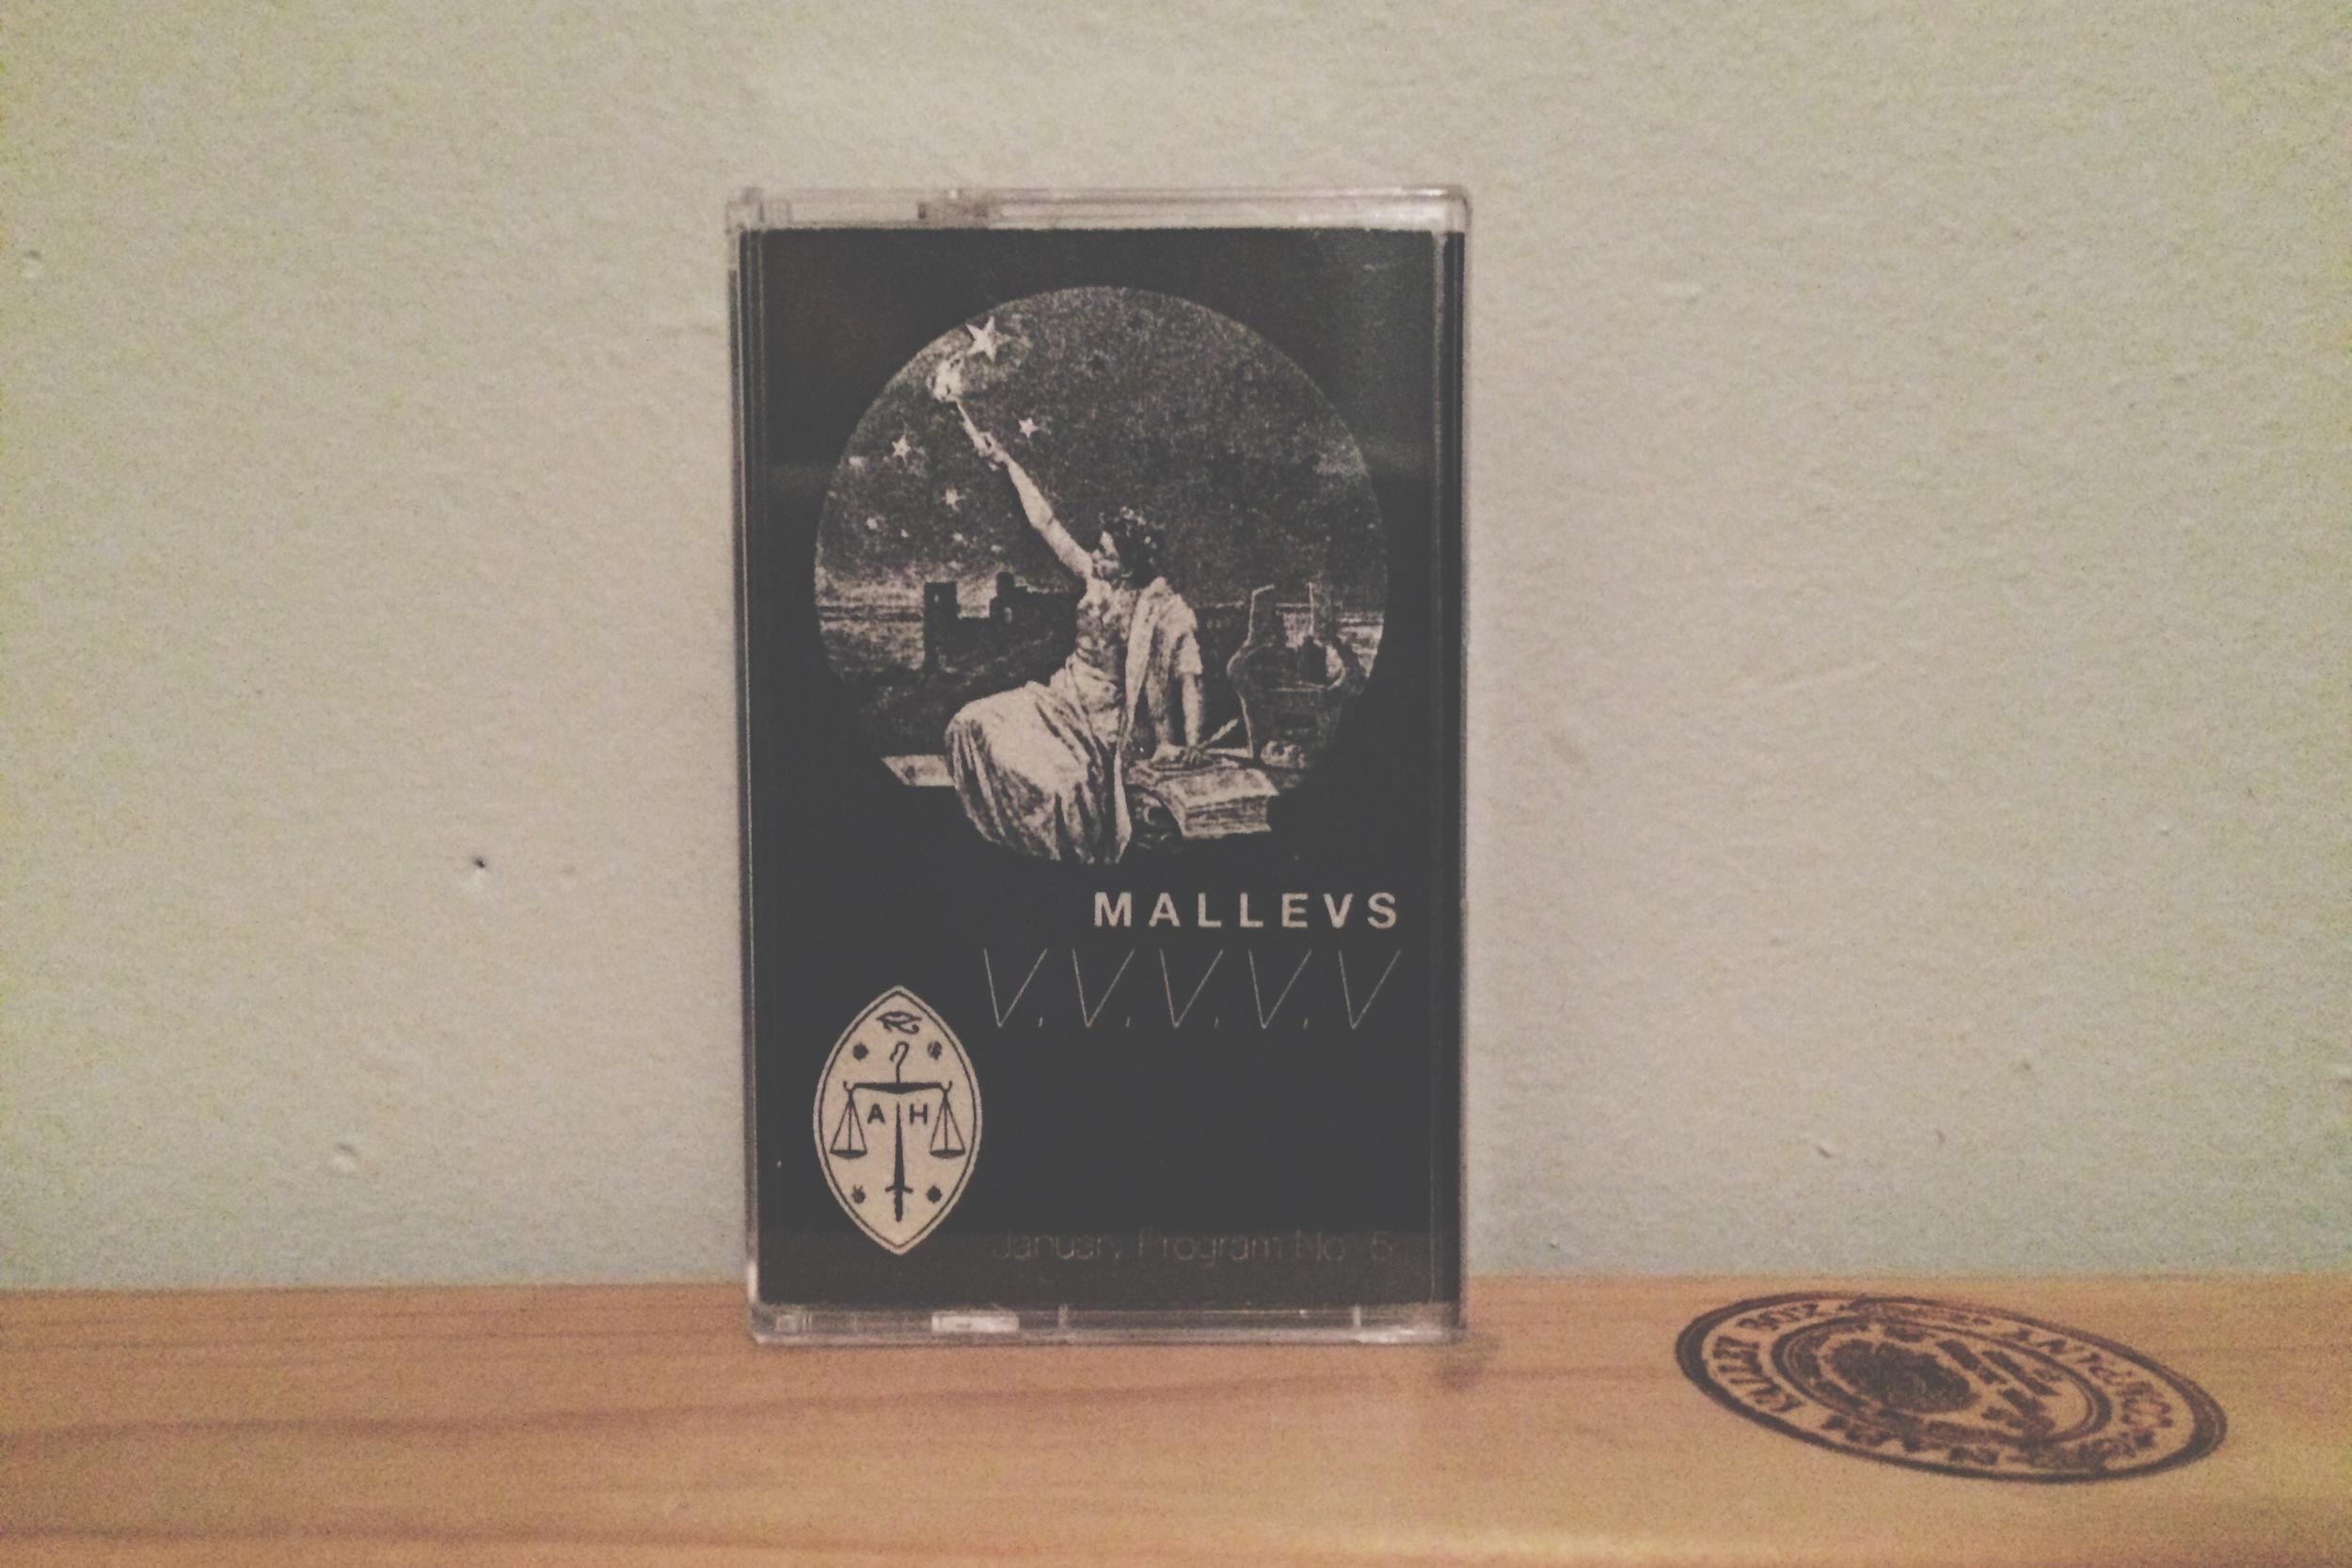 1 09. Mallevs - V.V.V.V.V.jpg